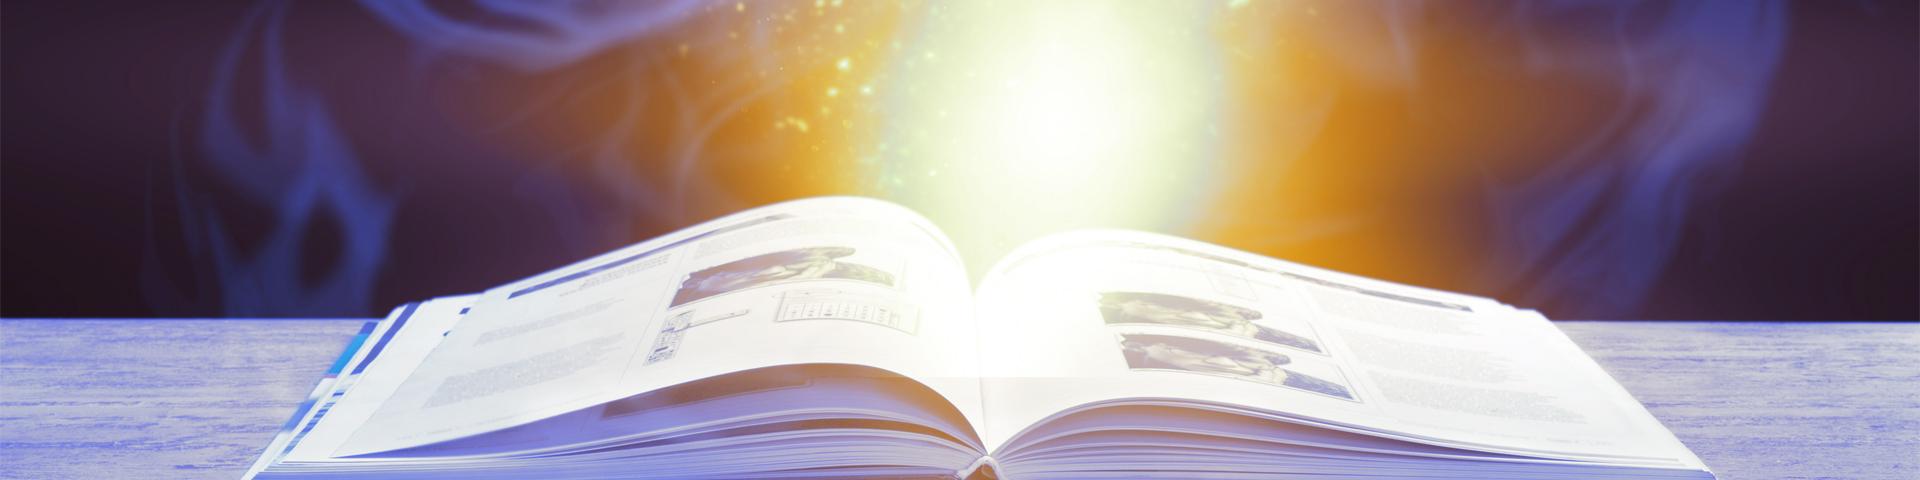 Erfolgsgeschichten - ein aufgeschlagenes Buch, aus dem ein gelb/oranges Leuchten steigt